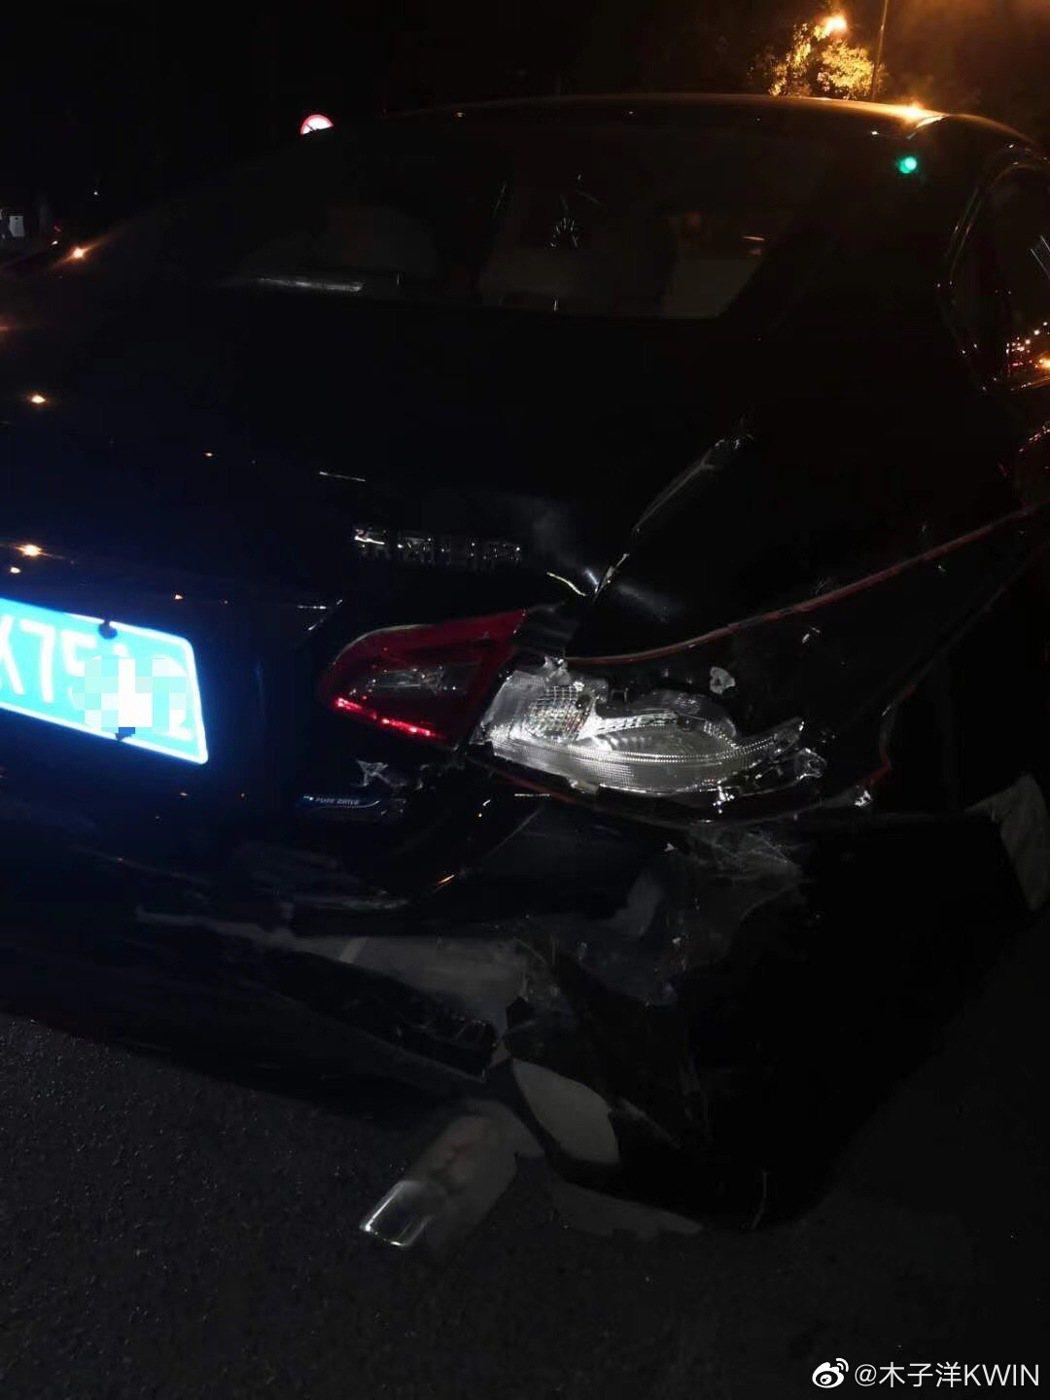 木子洋遭私生追車發生車禍。圖/擷自木子洋微博